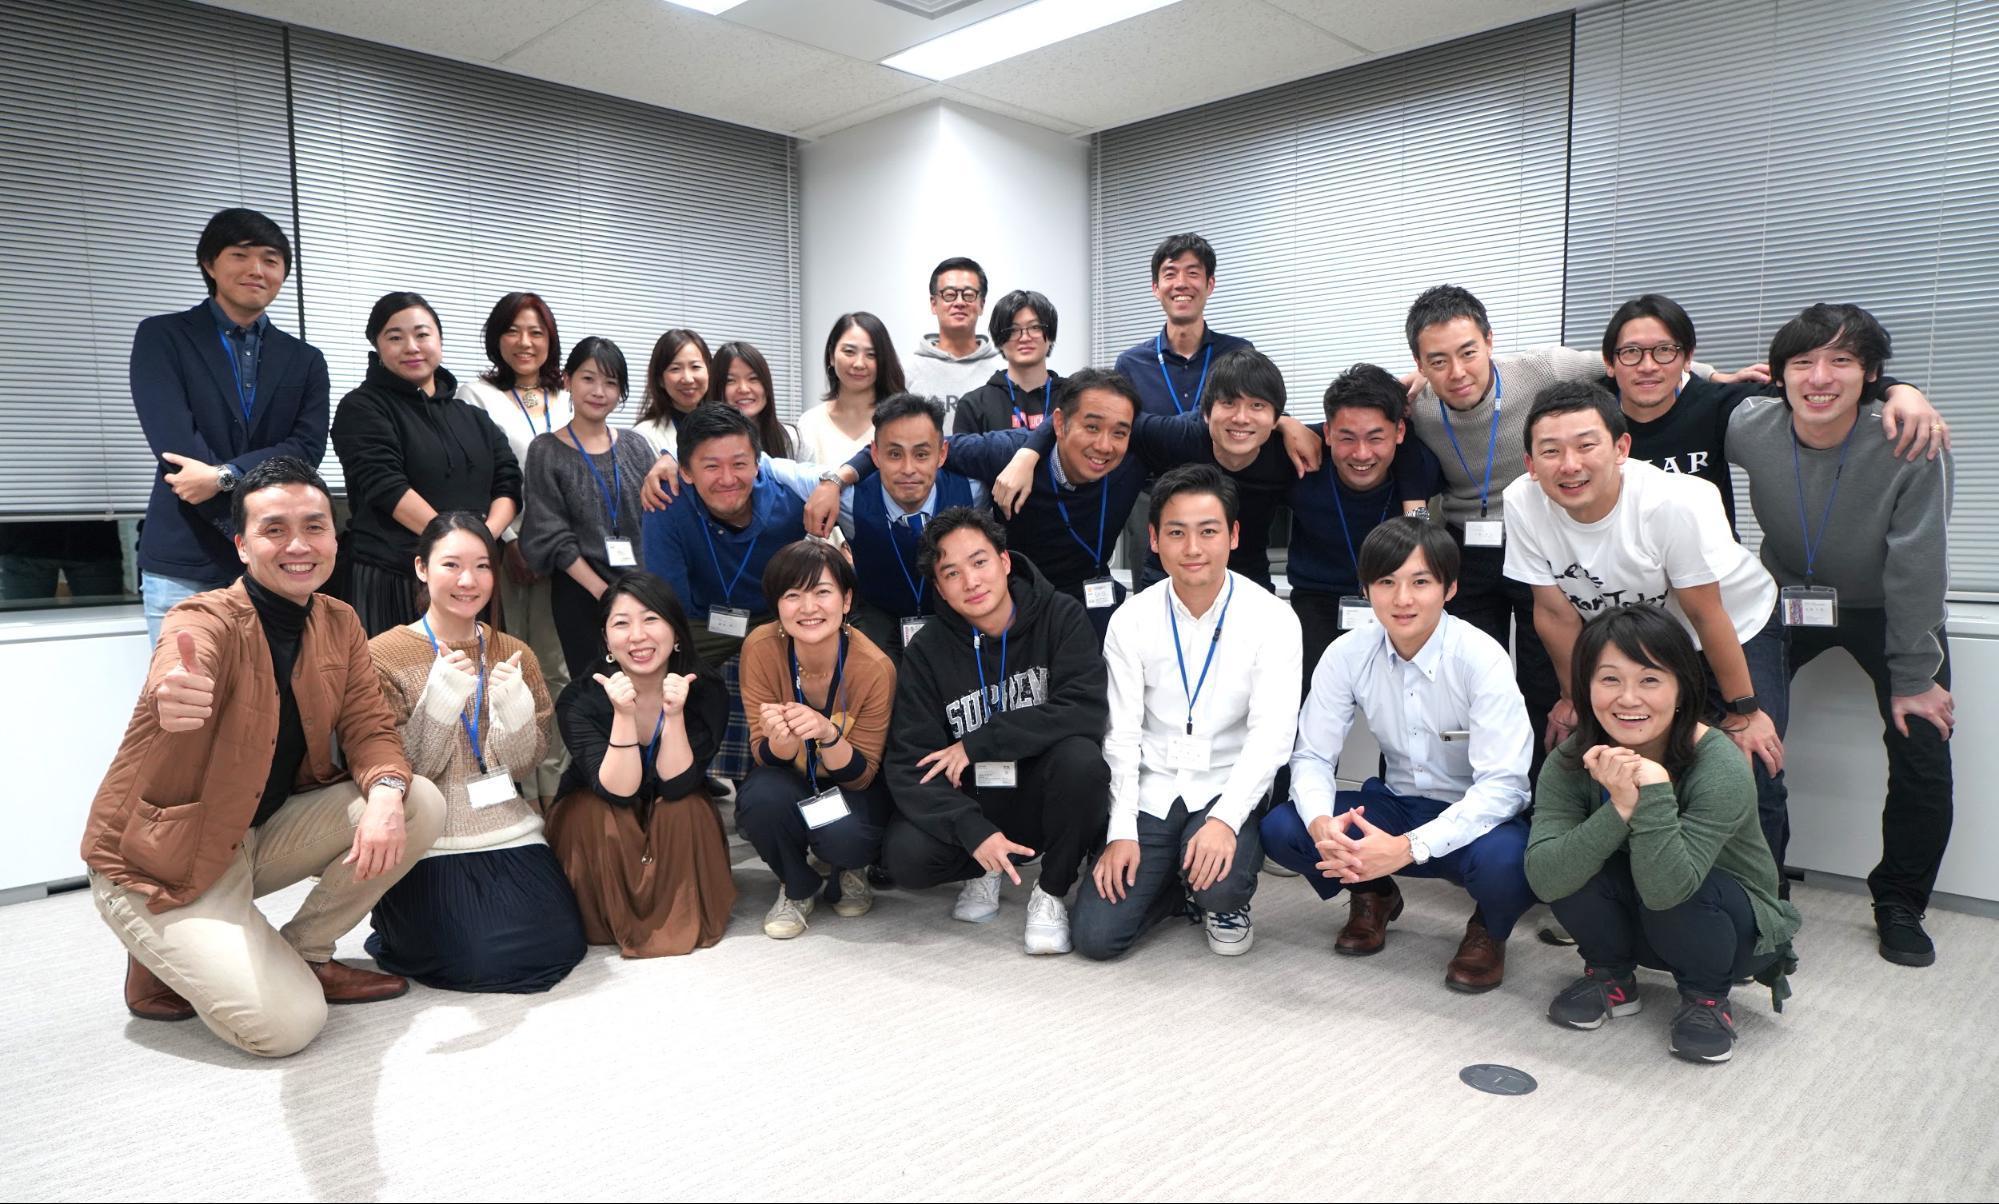 渋谷をつなげる 30 人 〜第 4期最終報告会〜